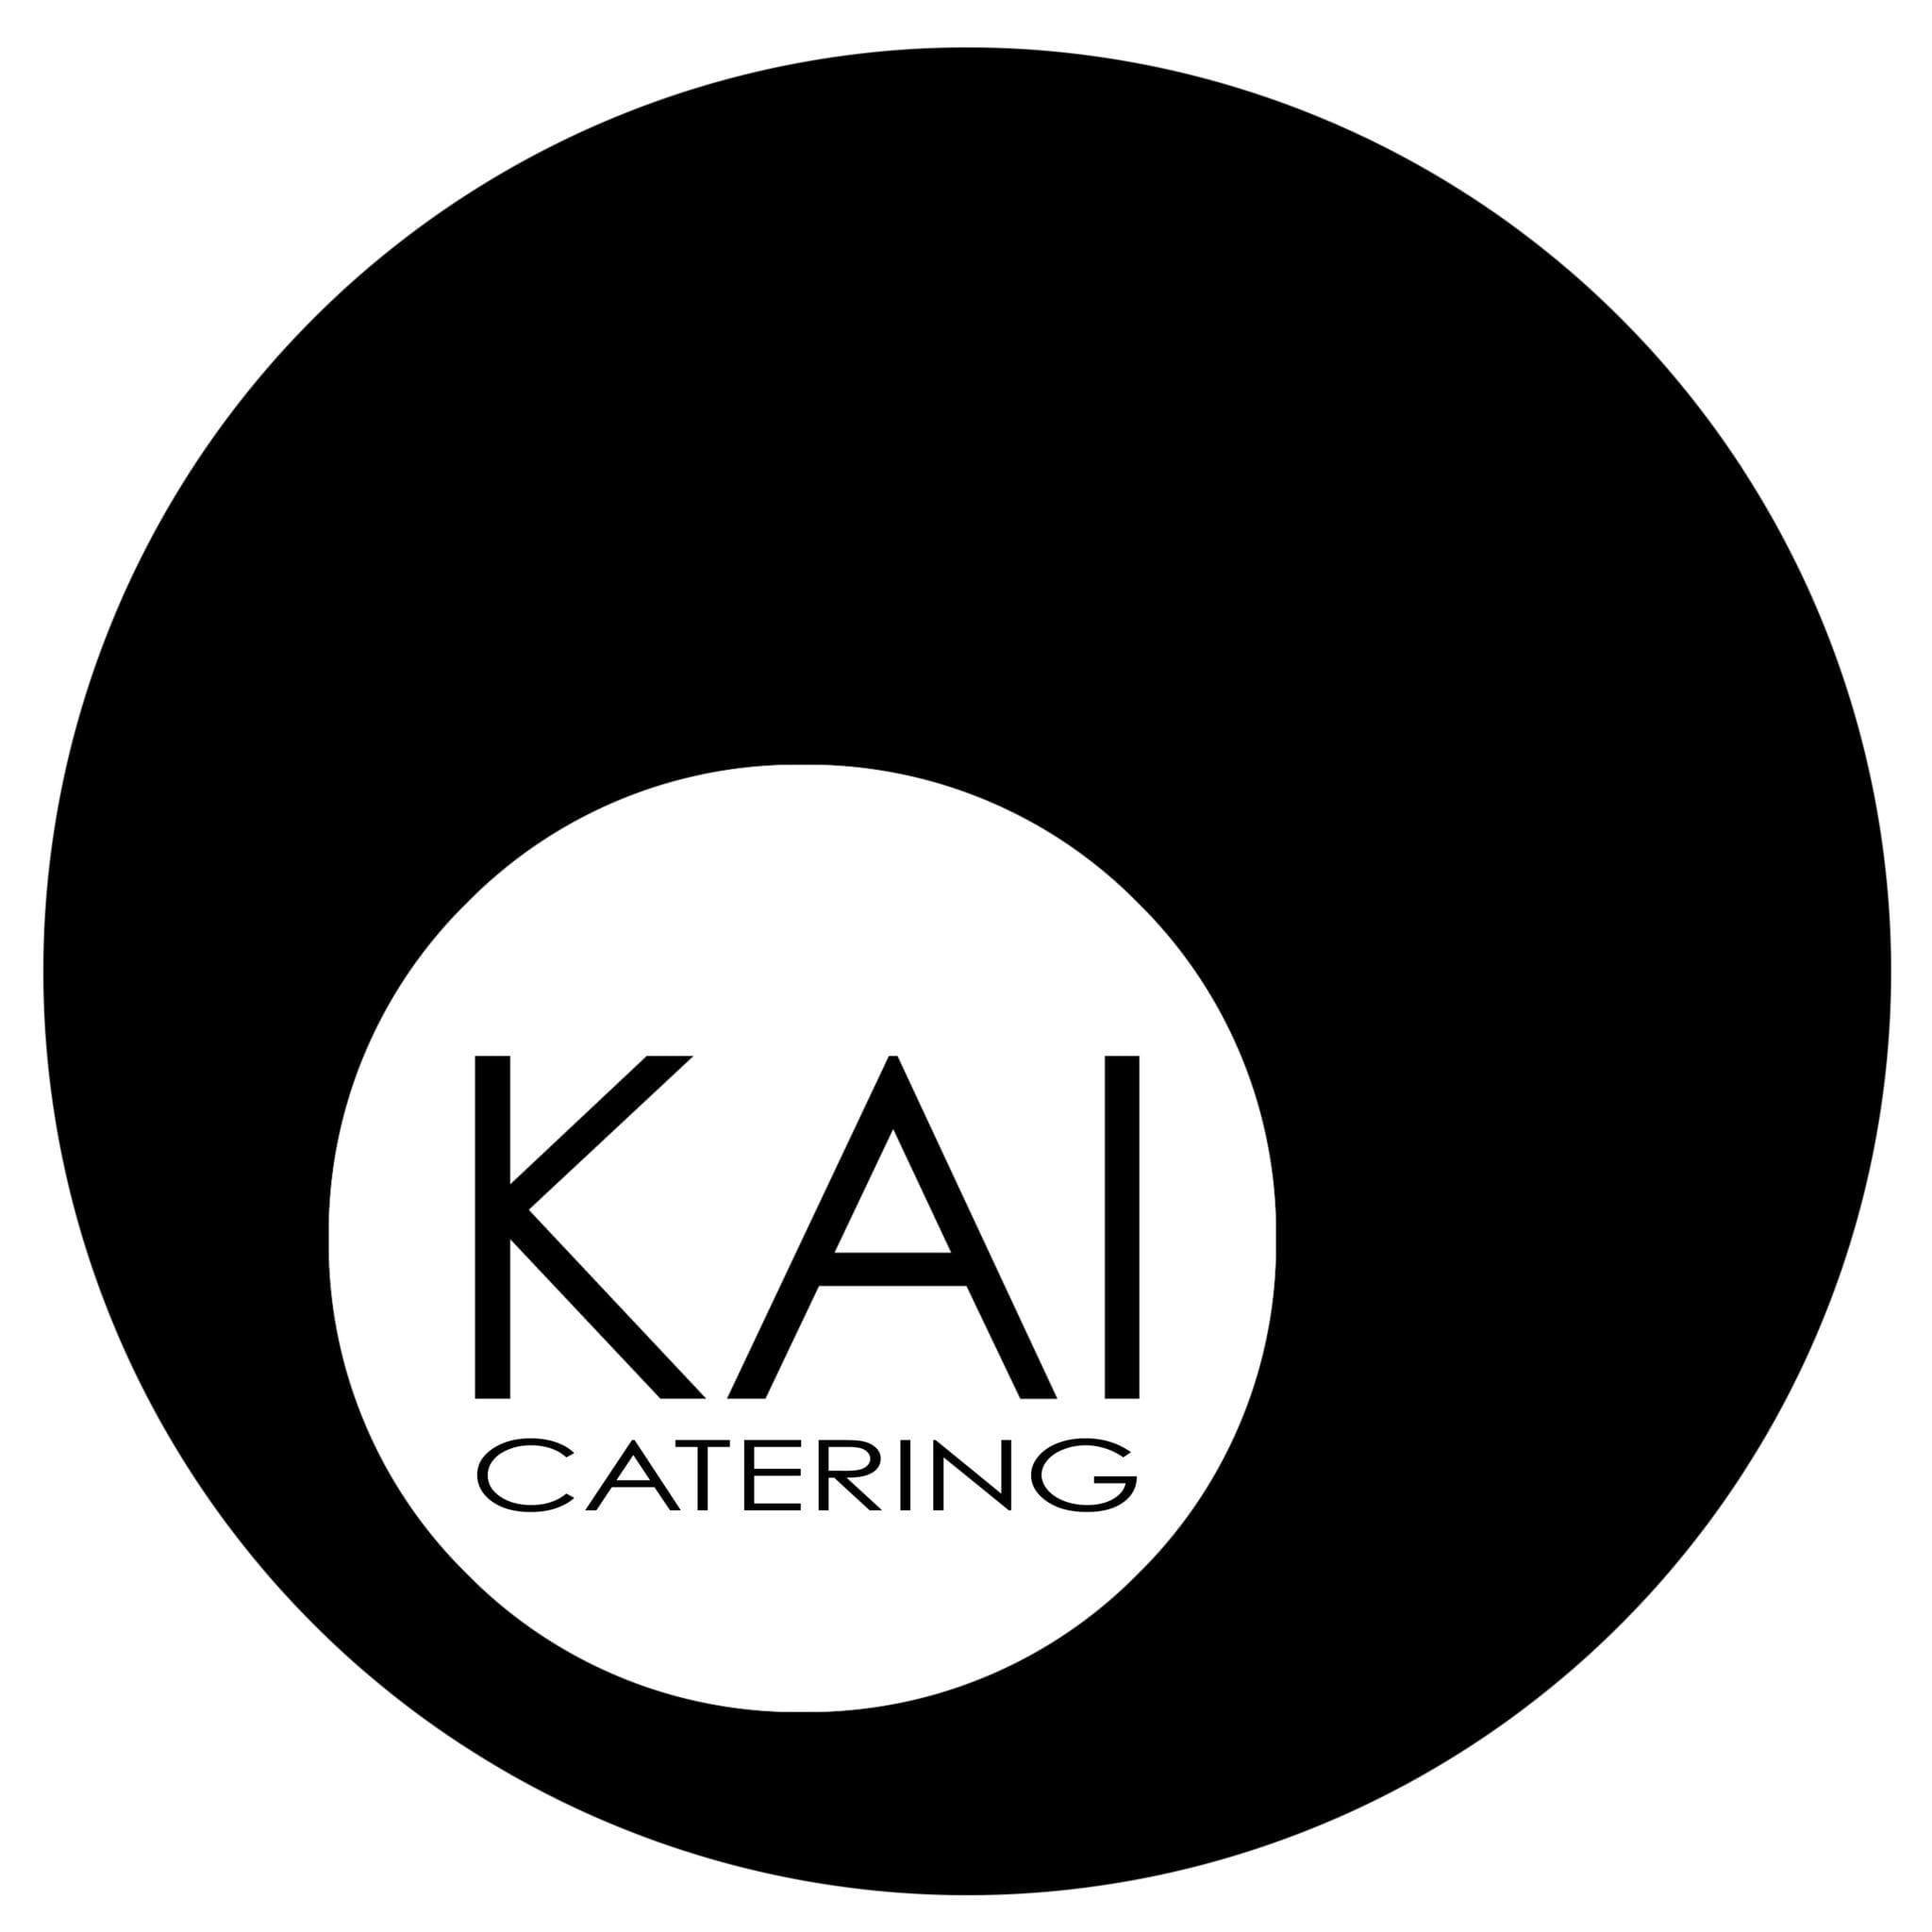 KAI Catering logo